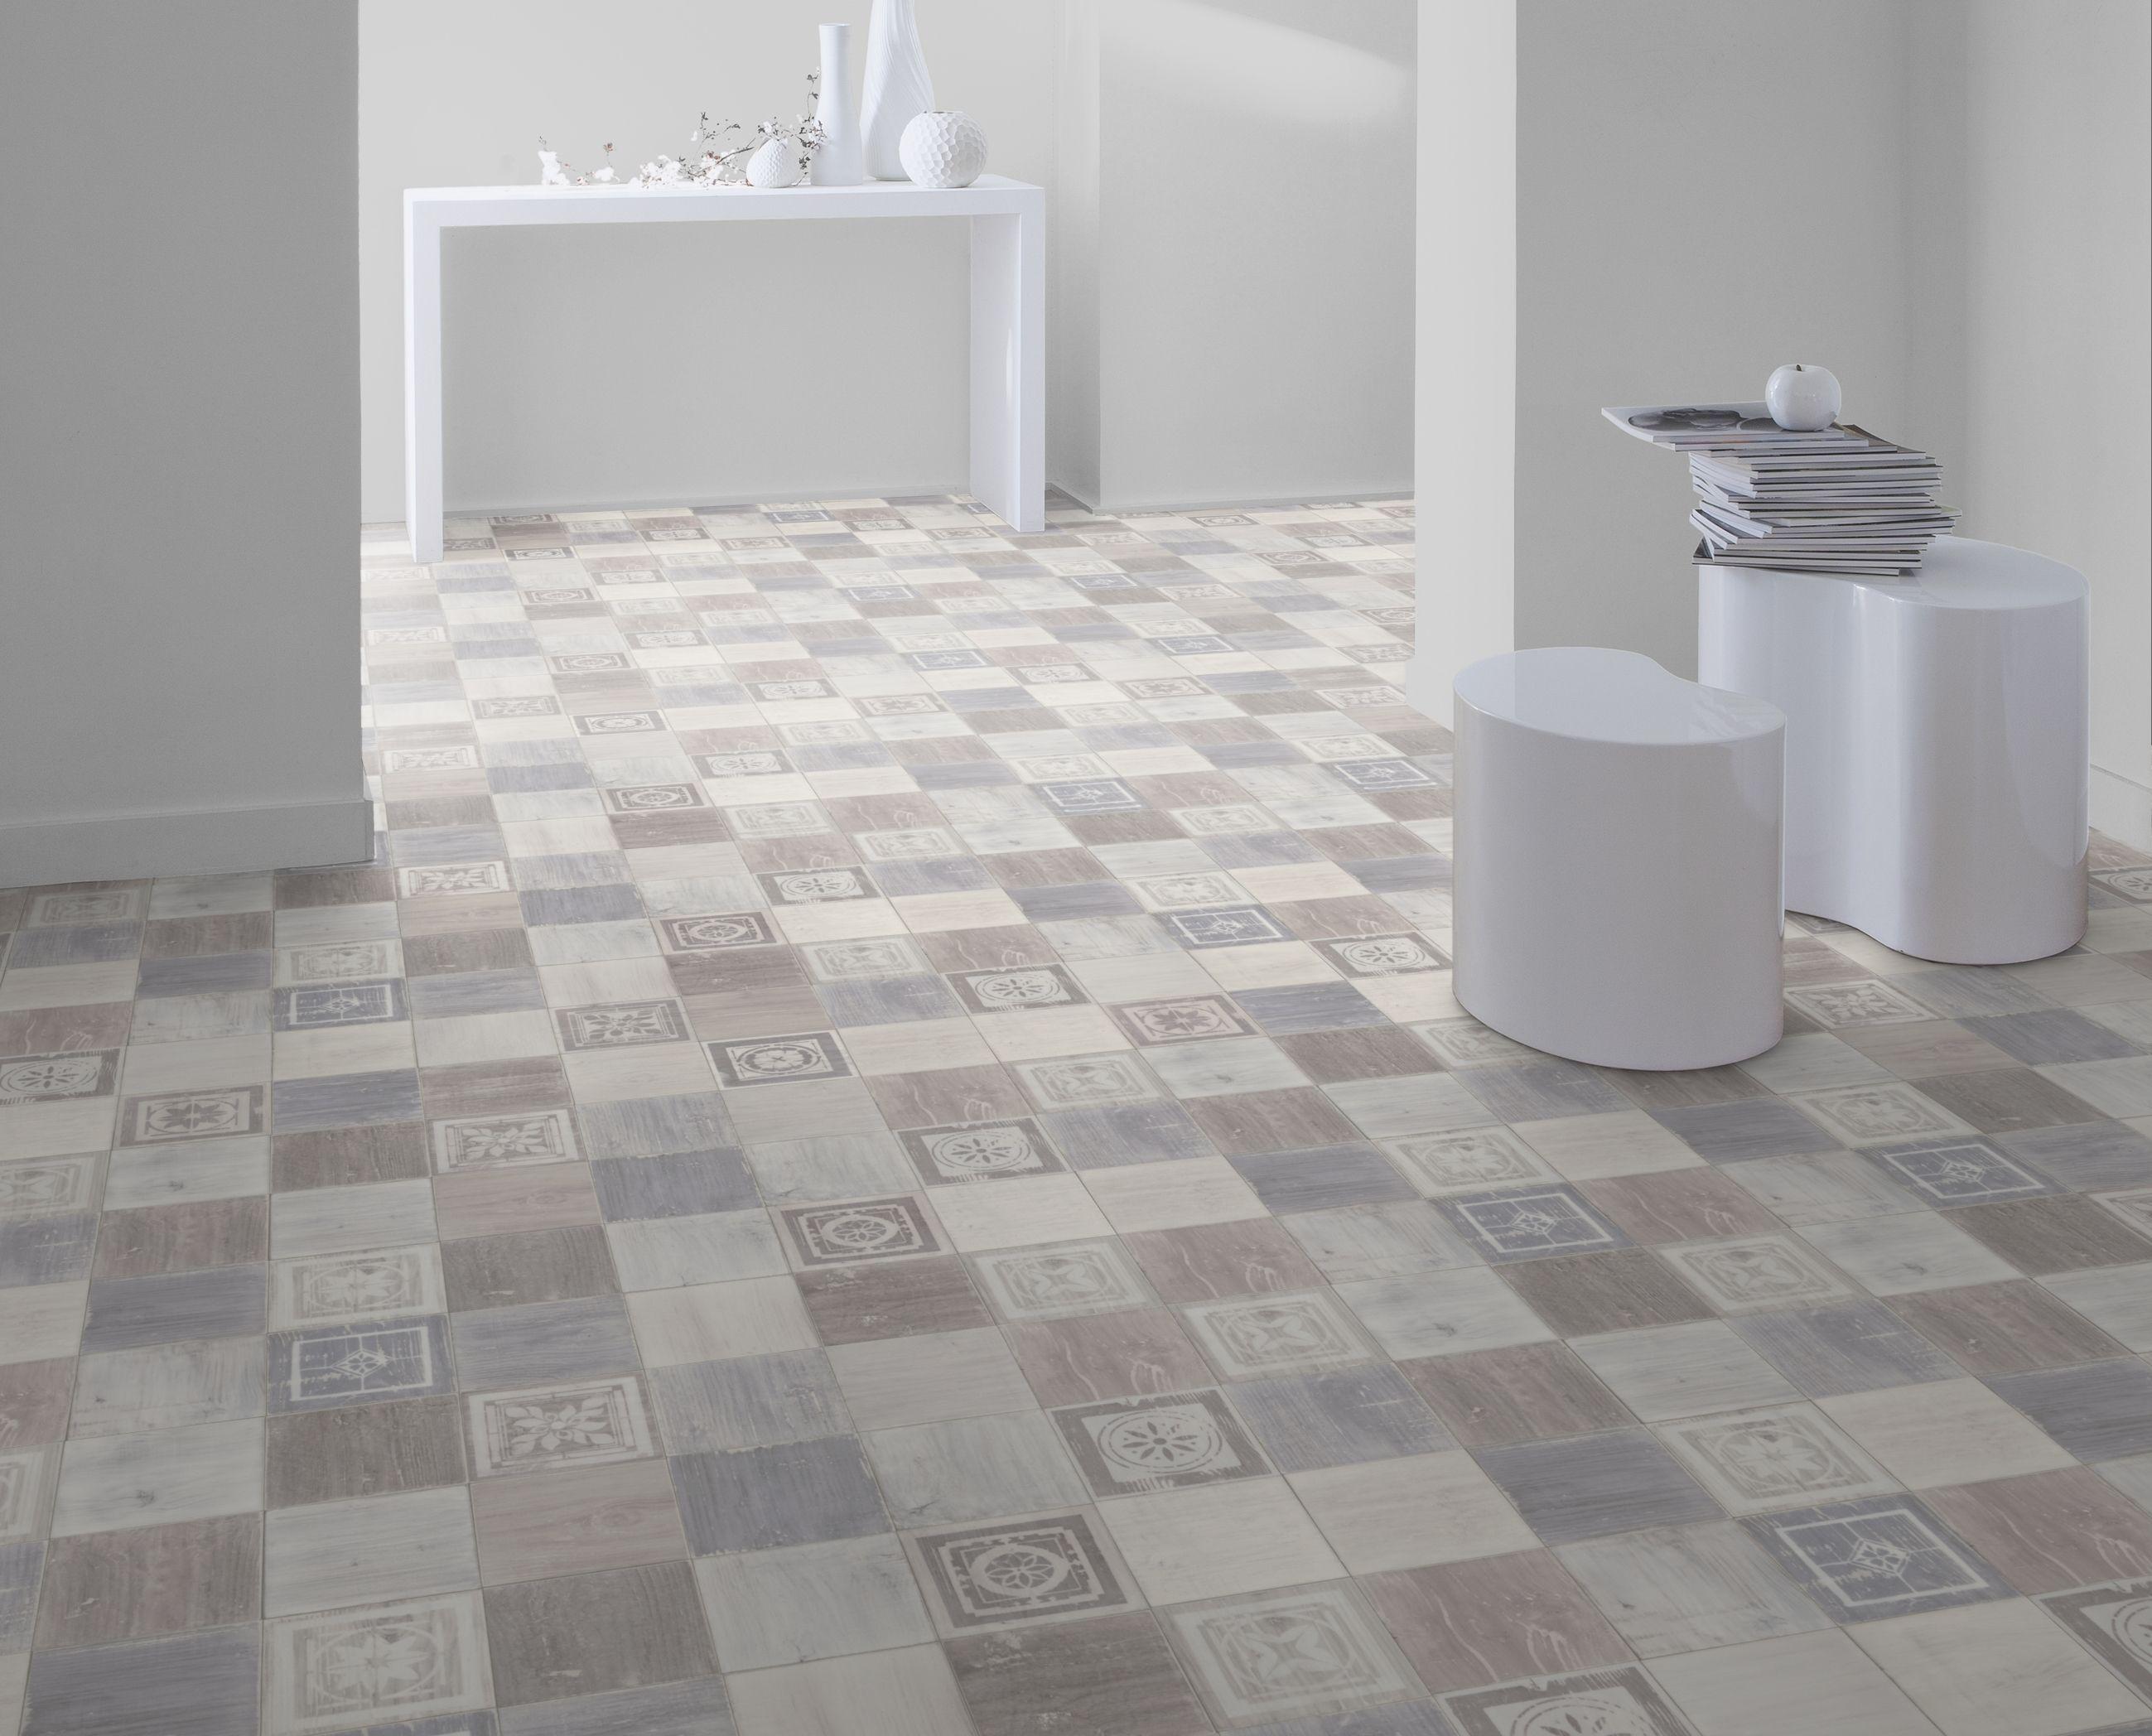 Fado perla home comfort by gerflor http www for Parquet pvc clipsable gerflor